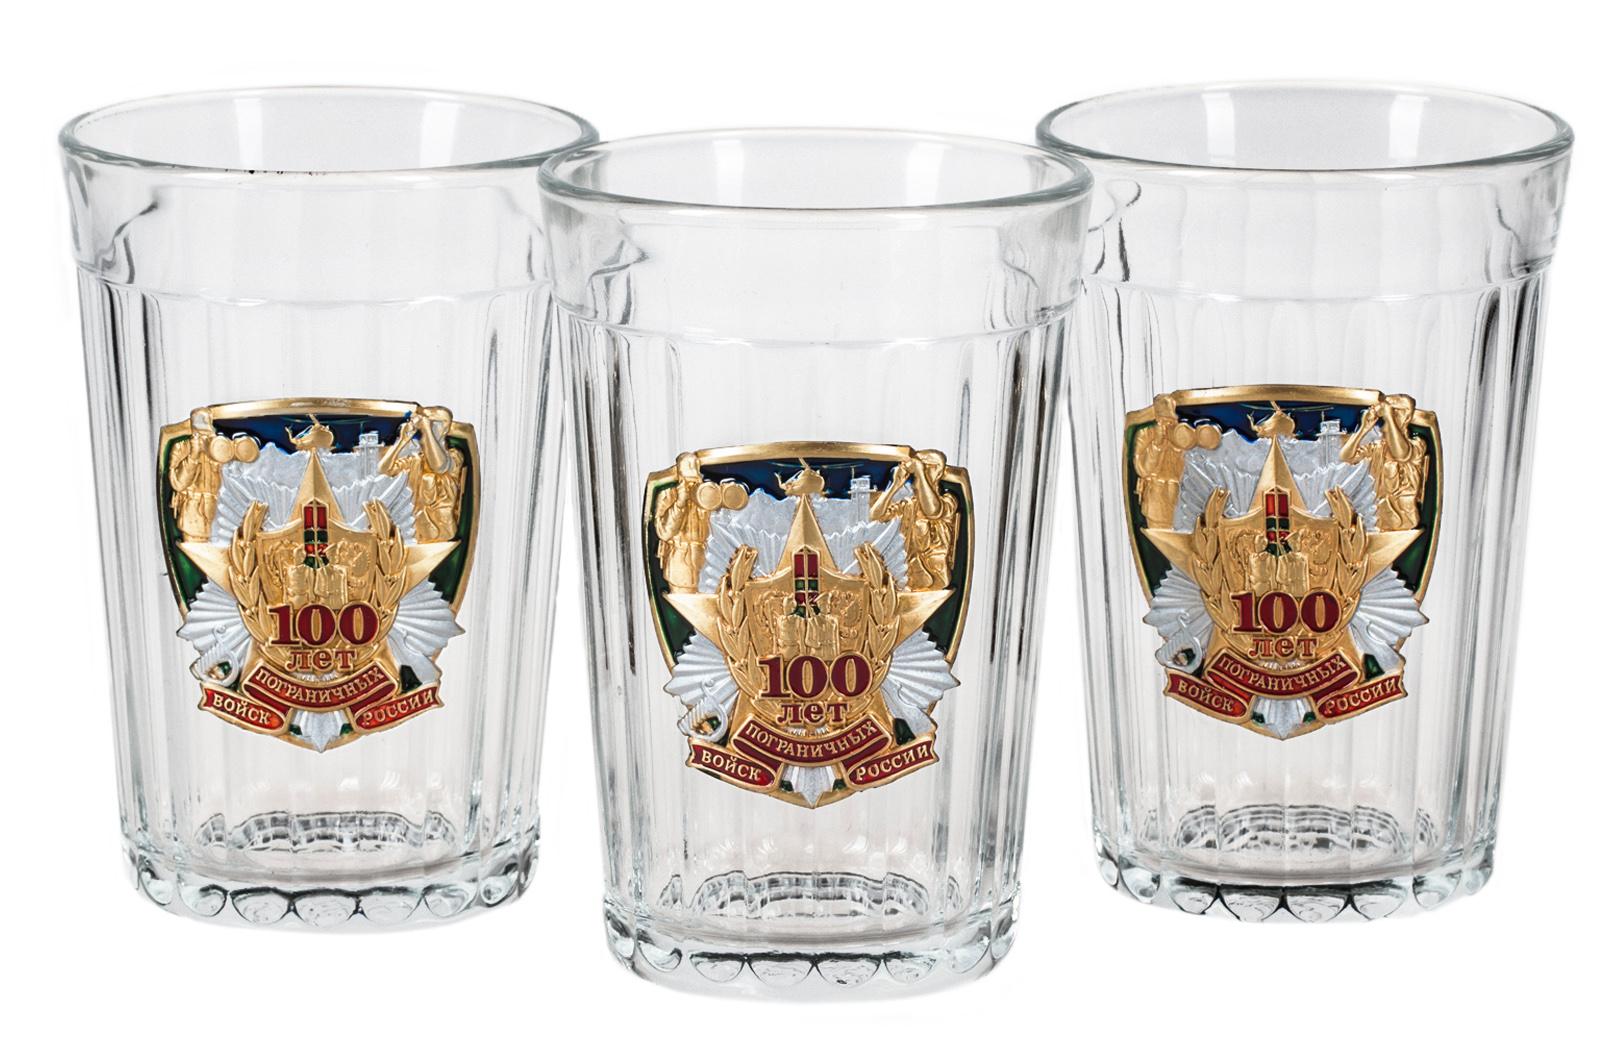 """Юбилейные стаканы """"100 лет Погранвойскам"""" в наборе 3 шт. по лучшей цене"""